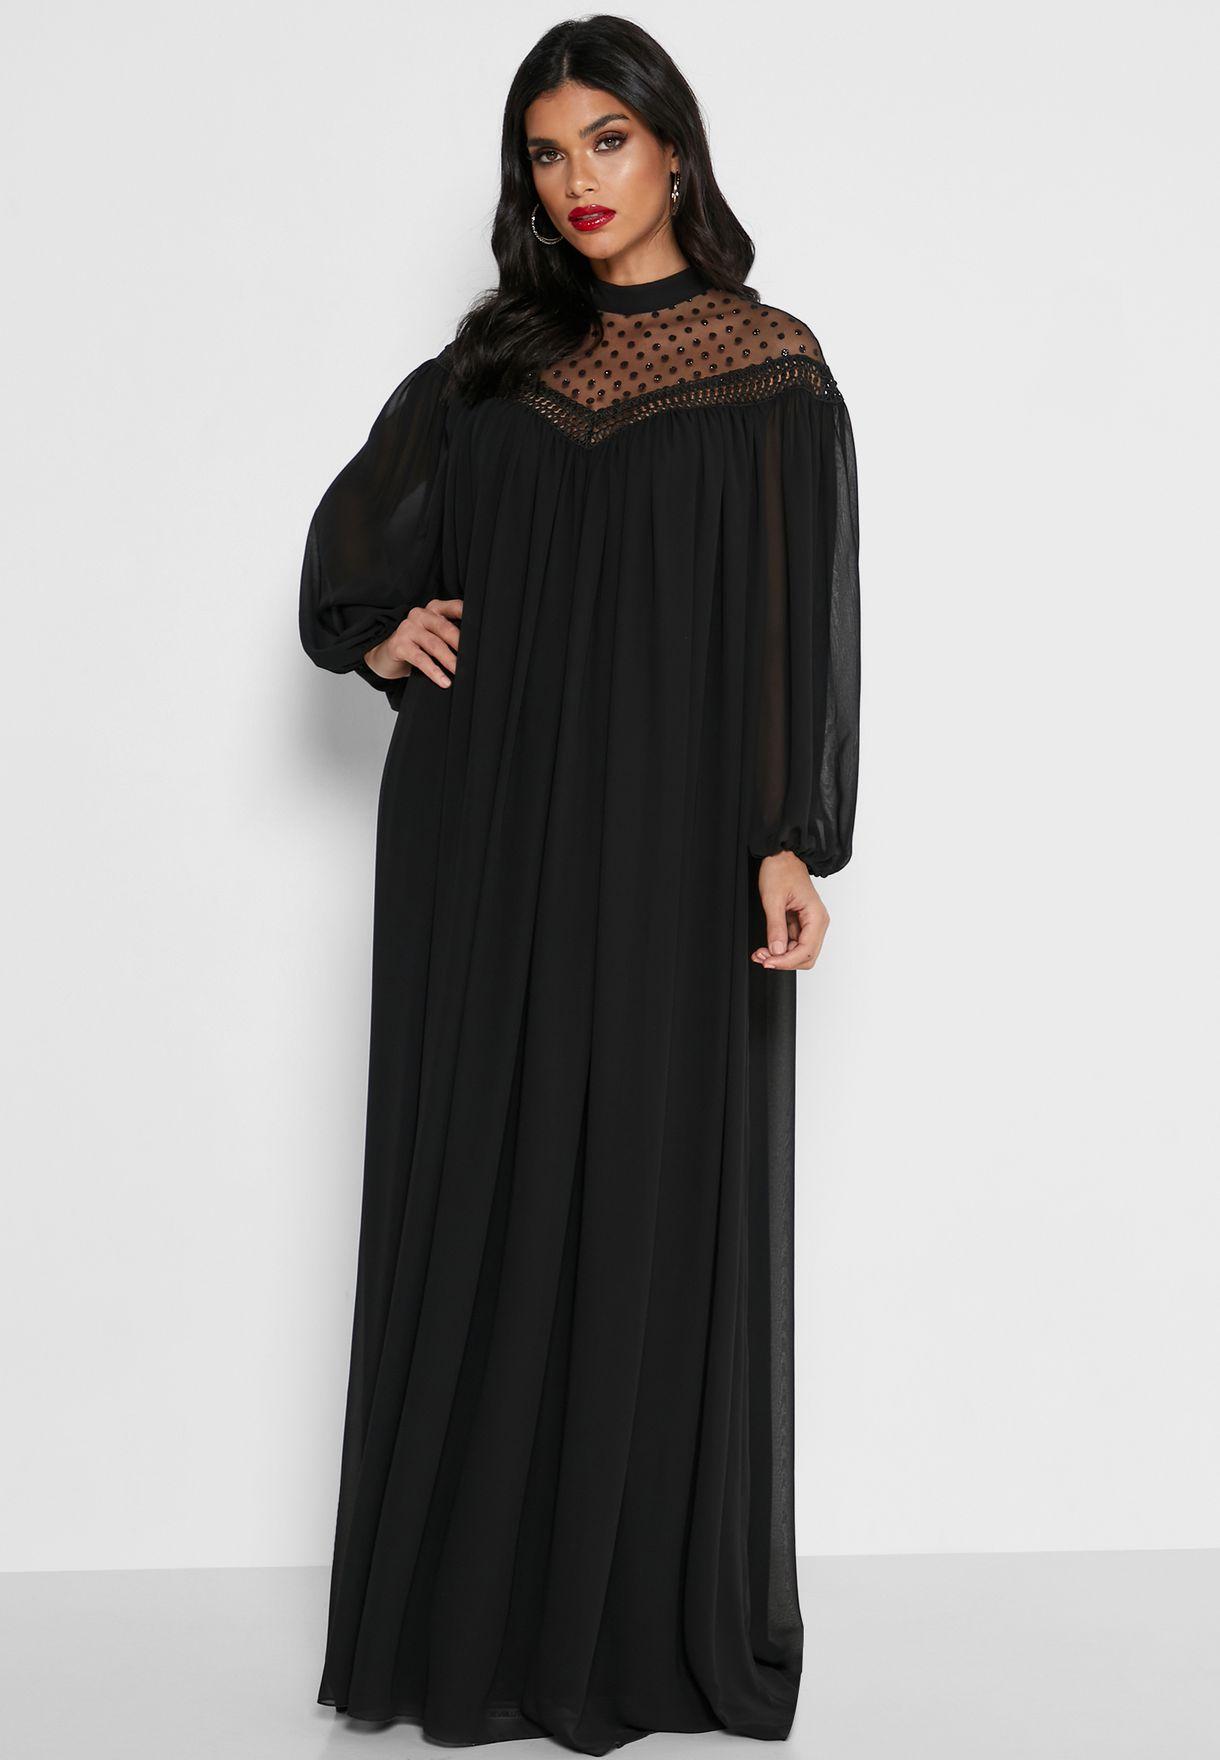 Spot Mesh High Neck Dress